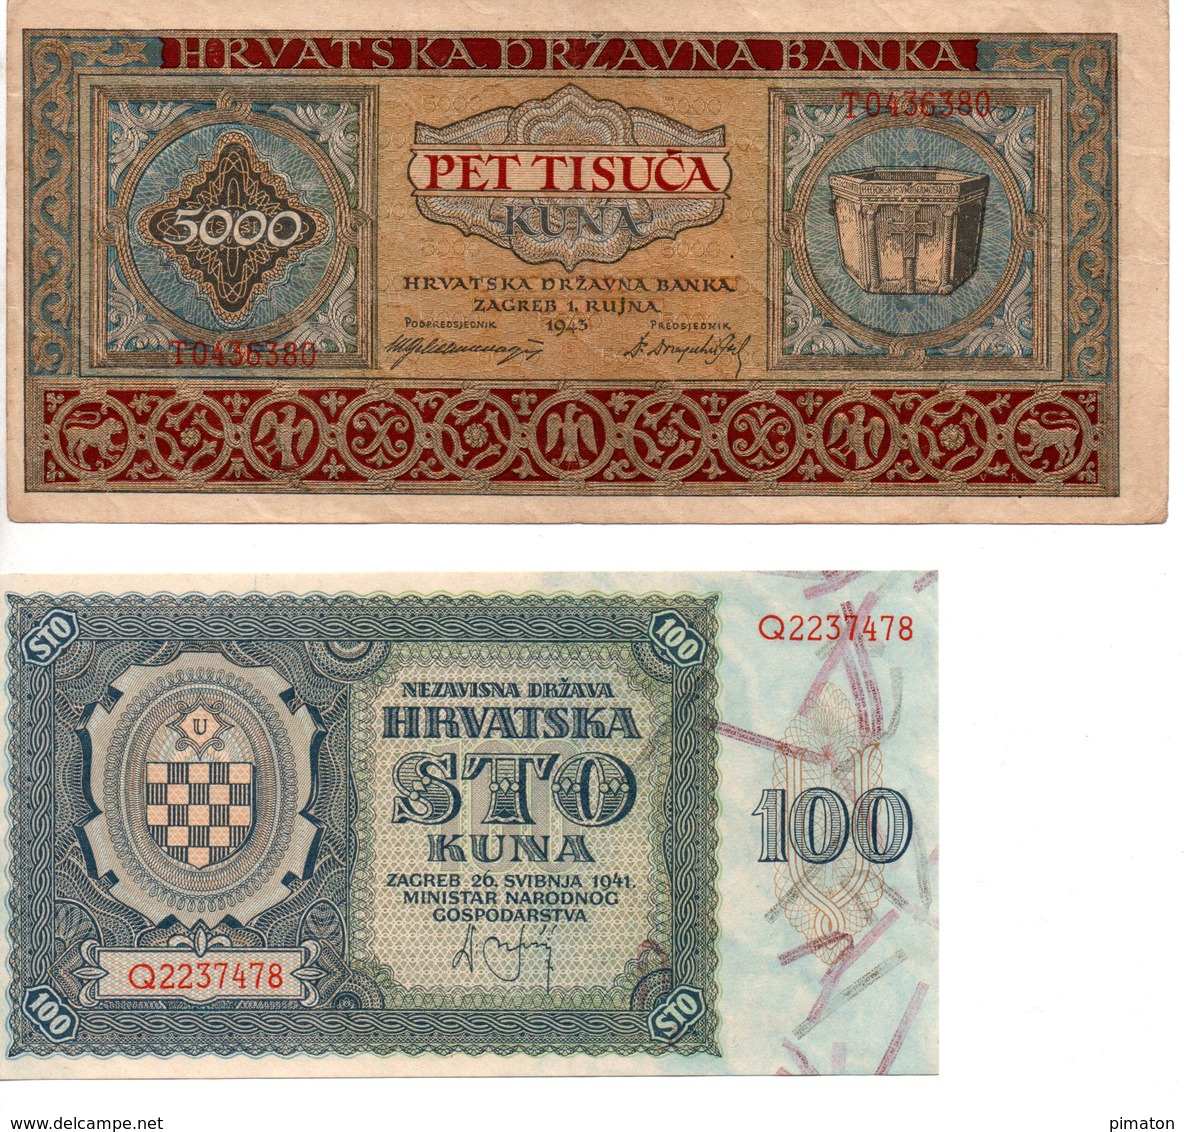 2 Billets De Croatie - 5000 KUNA ( 1941 ) Et 100 KUNA ( 1941 ) - Croatie